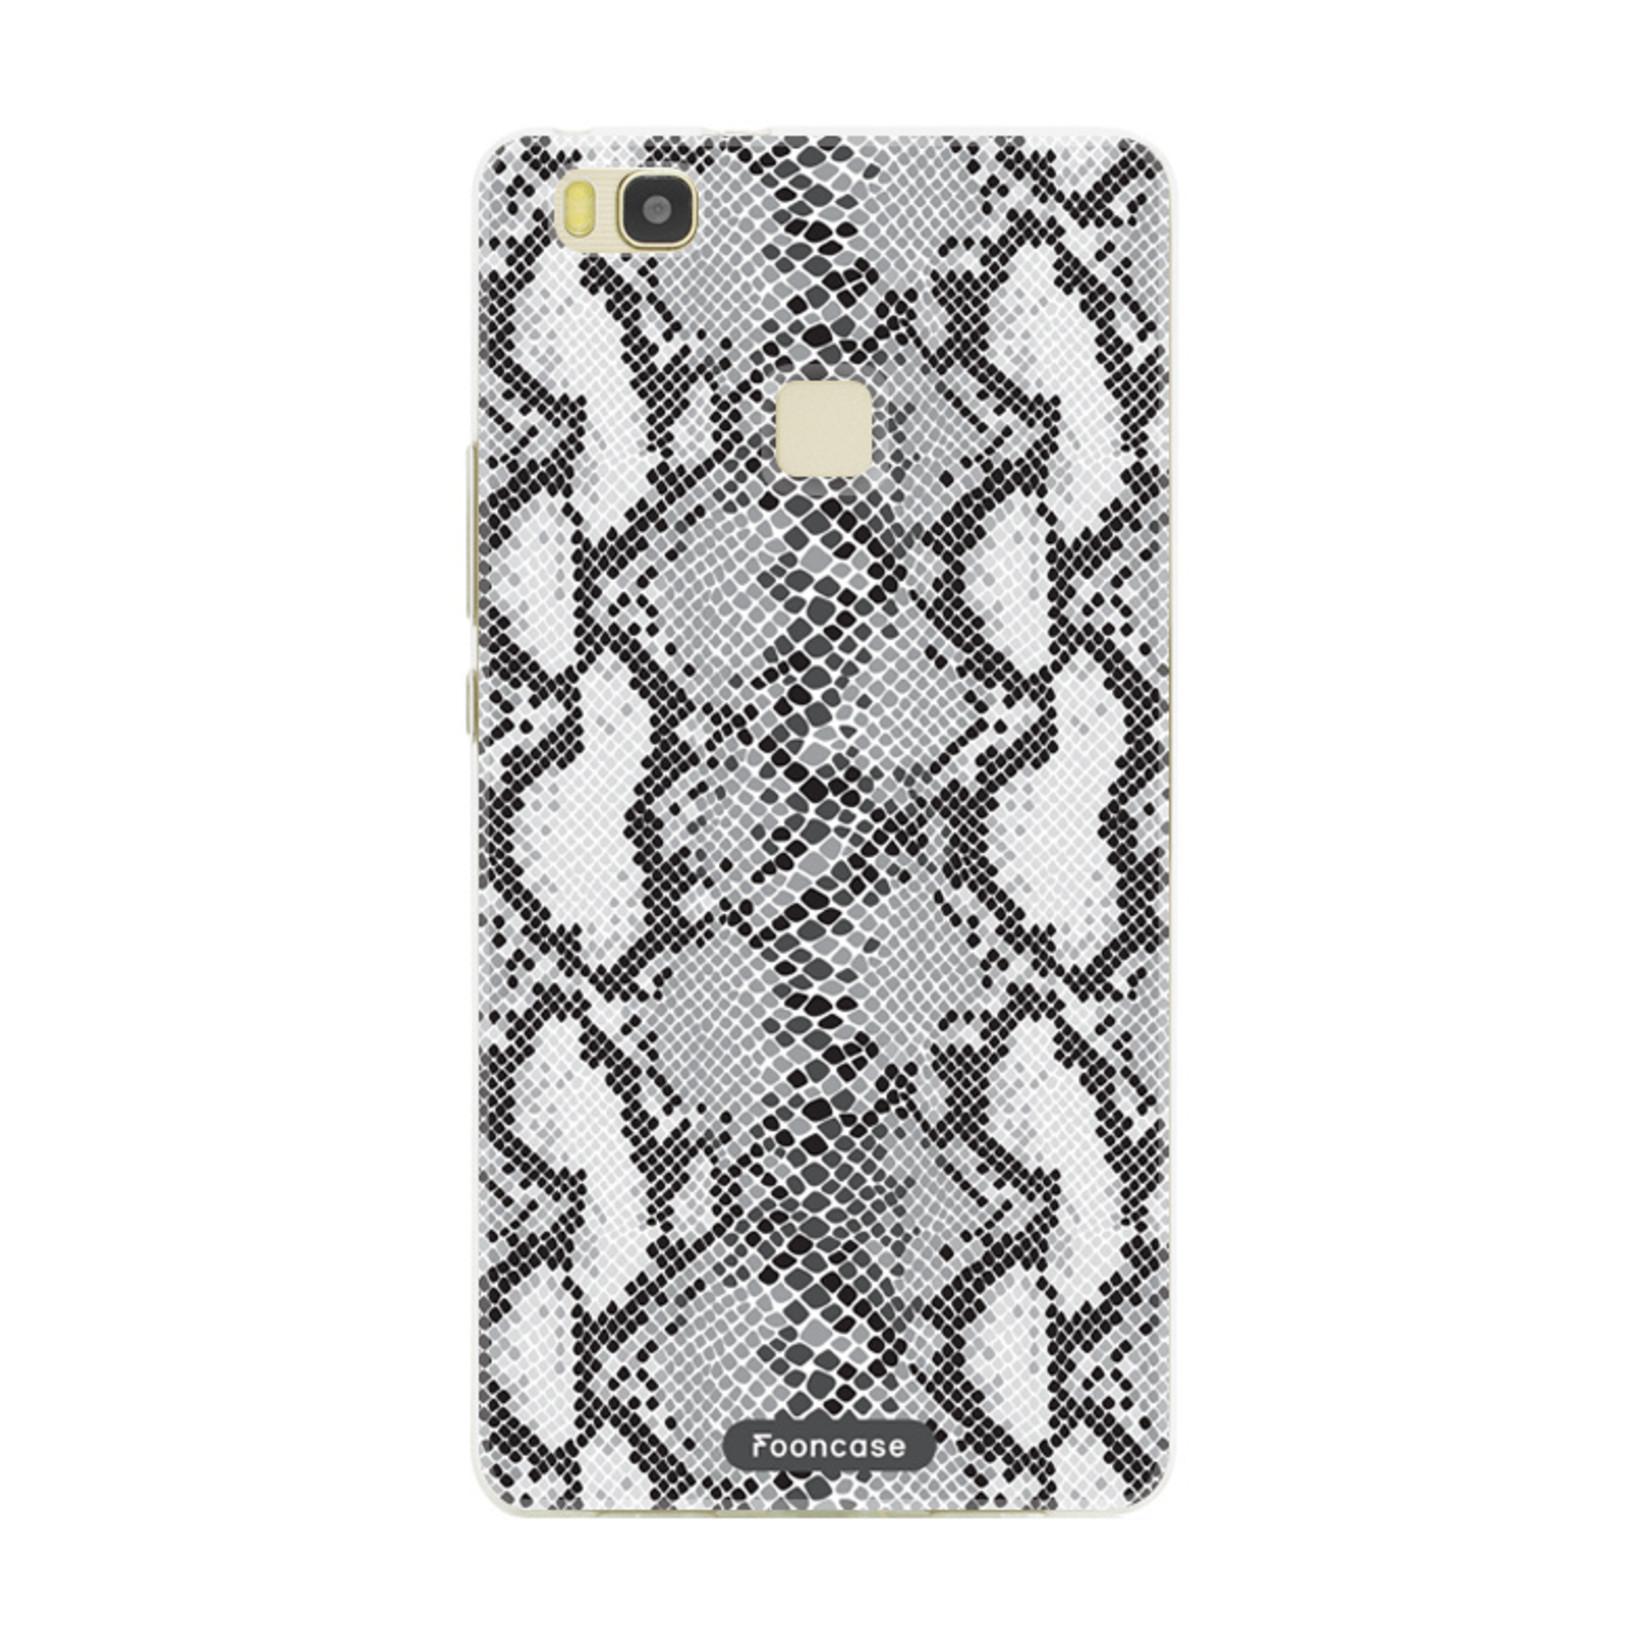 FOONCASE Huawei P9 Lite hoesje TPU Soft Case - Back Cover - Snake it / Slangen print